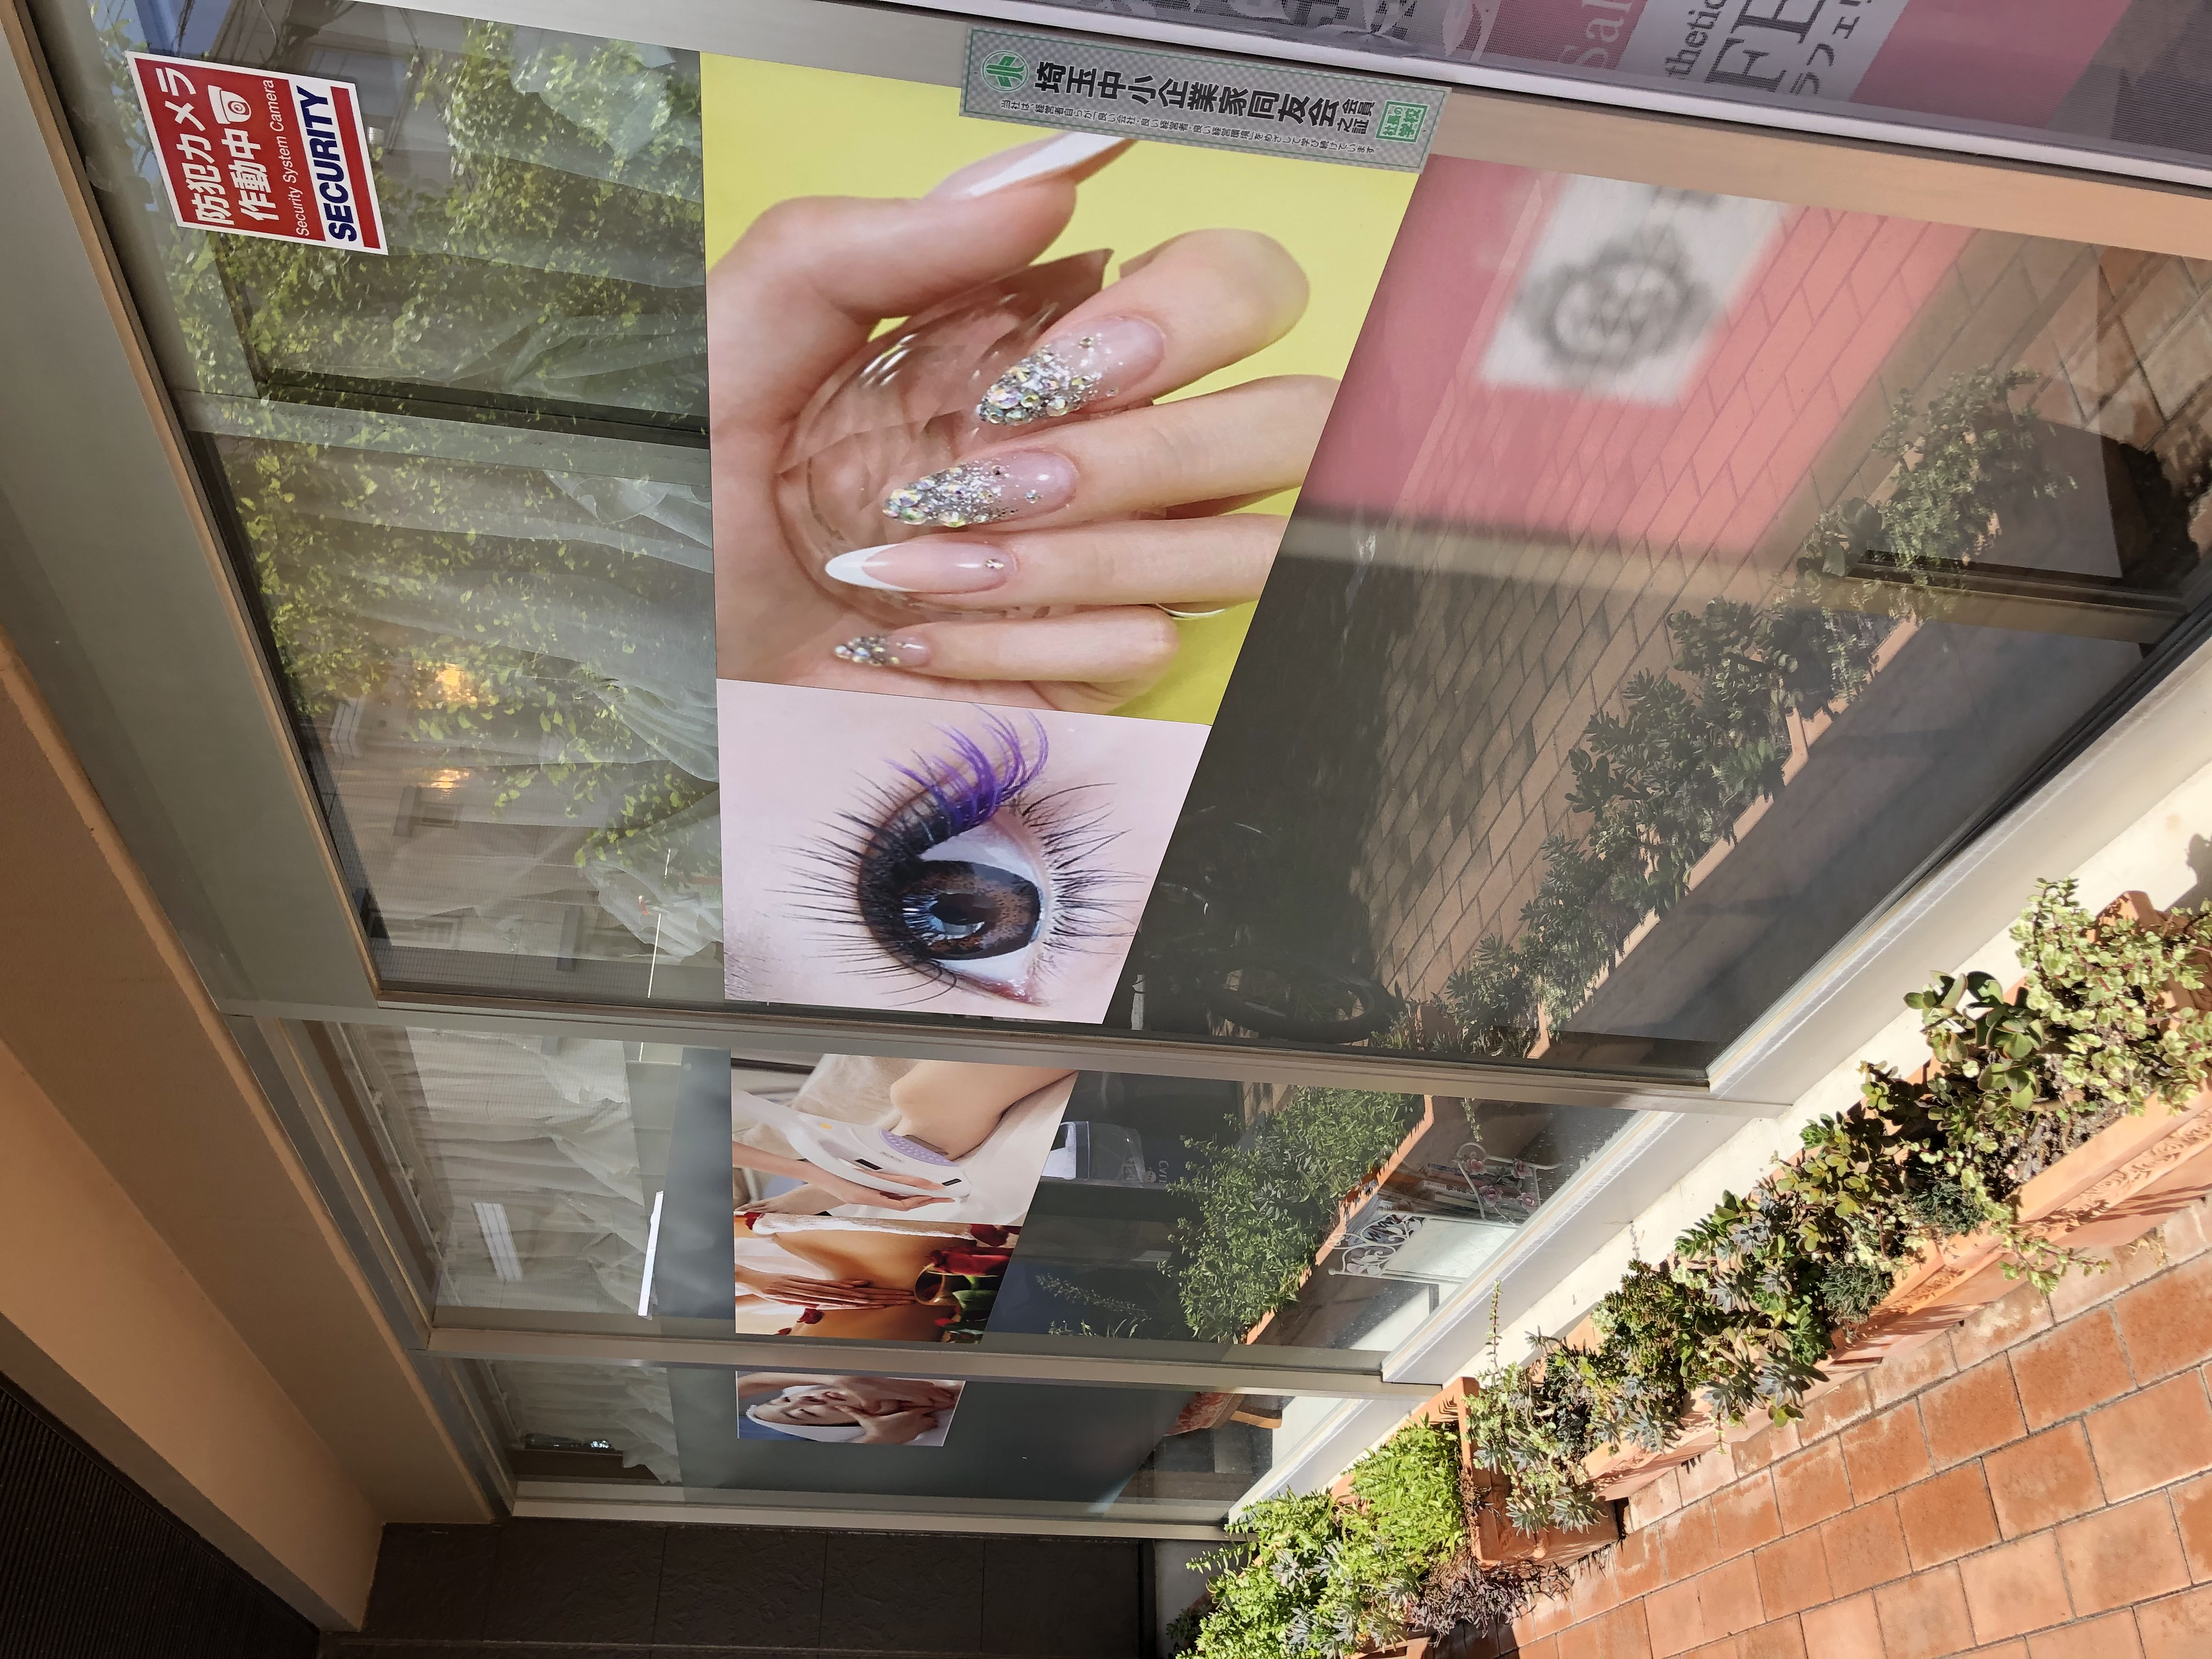 お店入口 - ビューティーレンタルサロン 清潔感&オシャレな24時間サロンの室内の写真